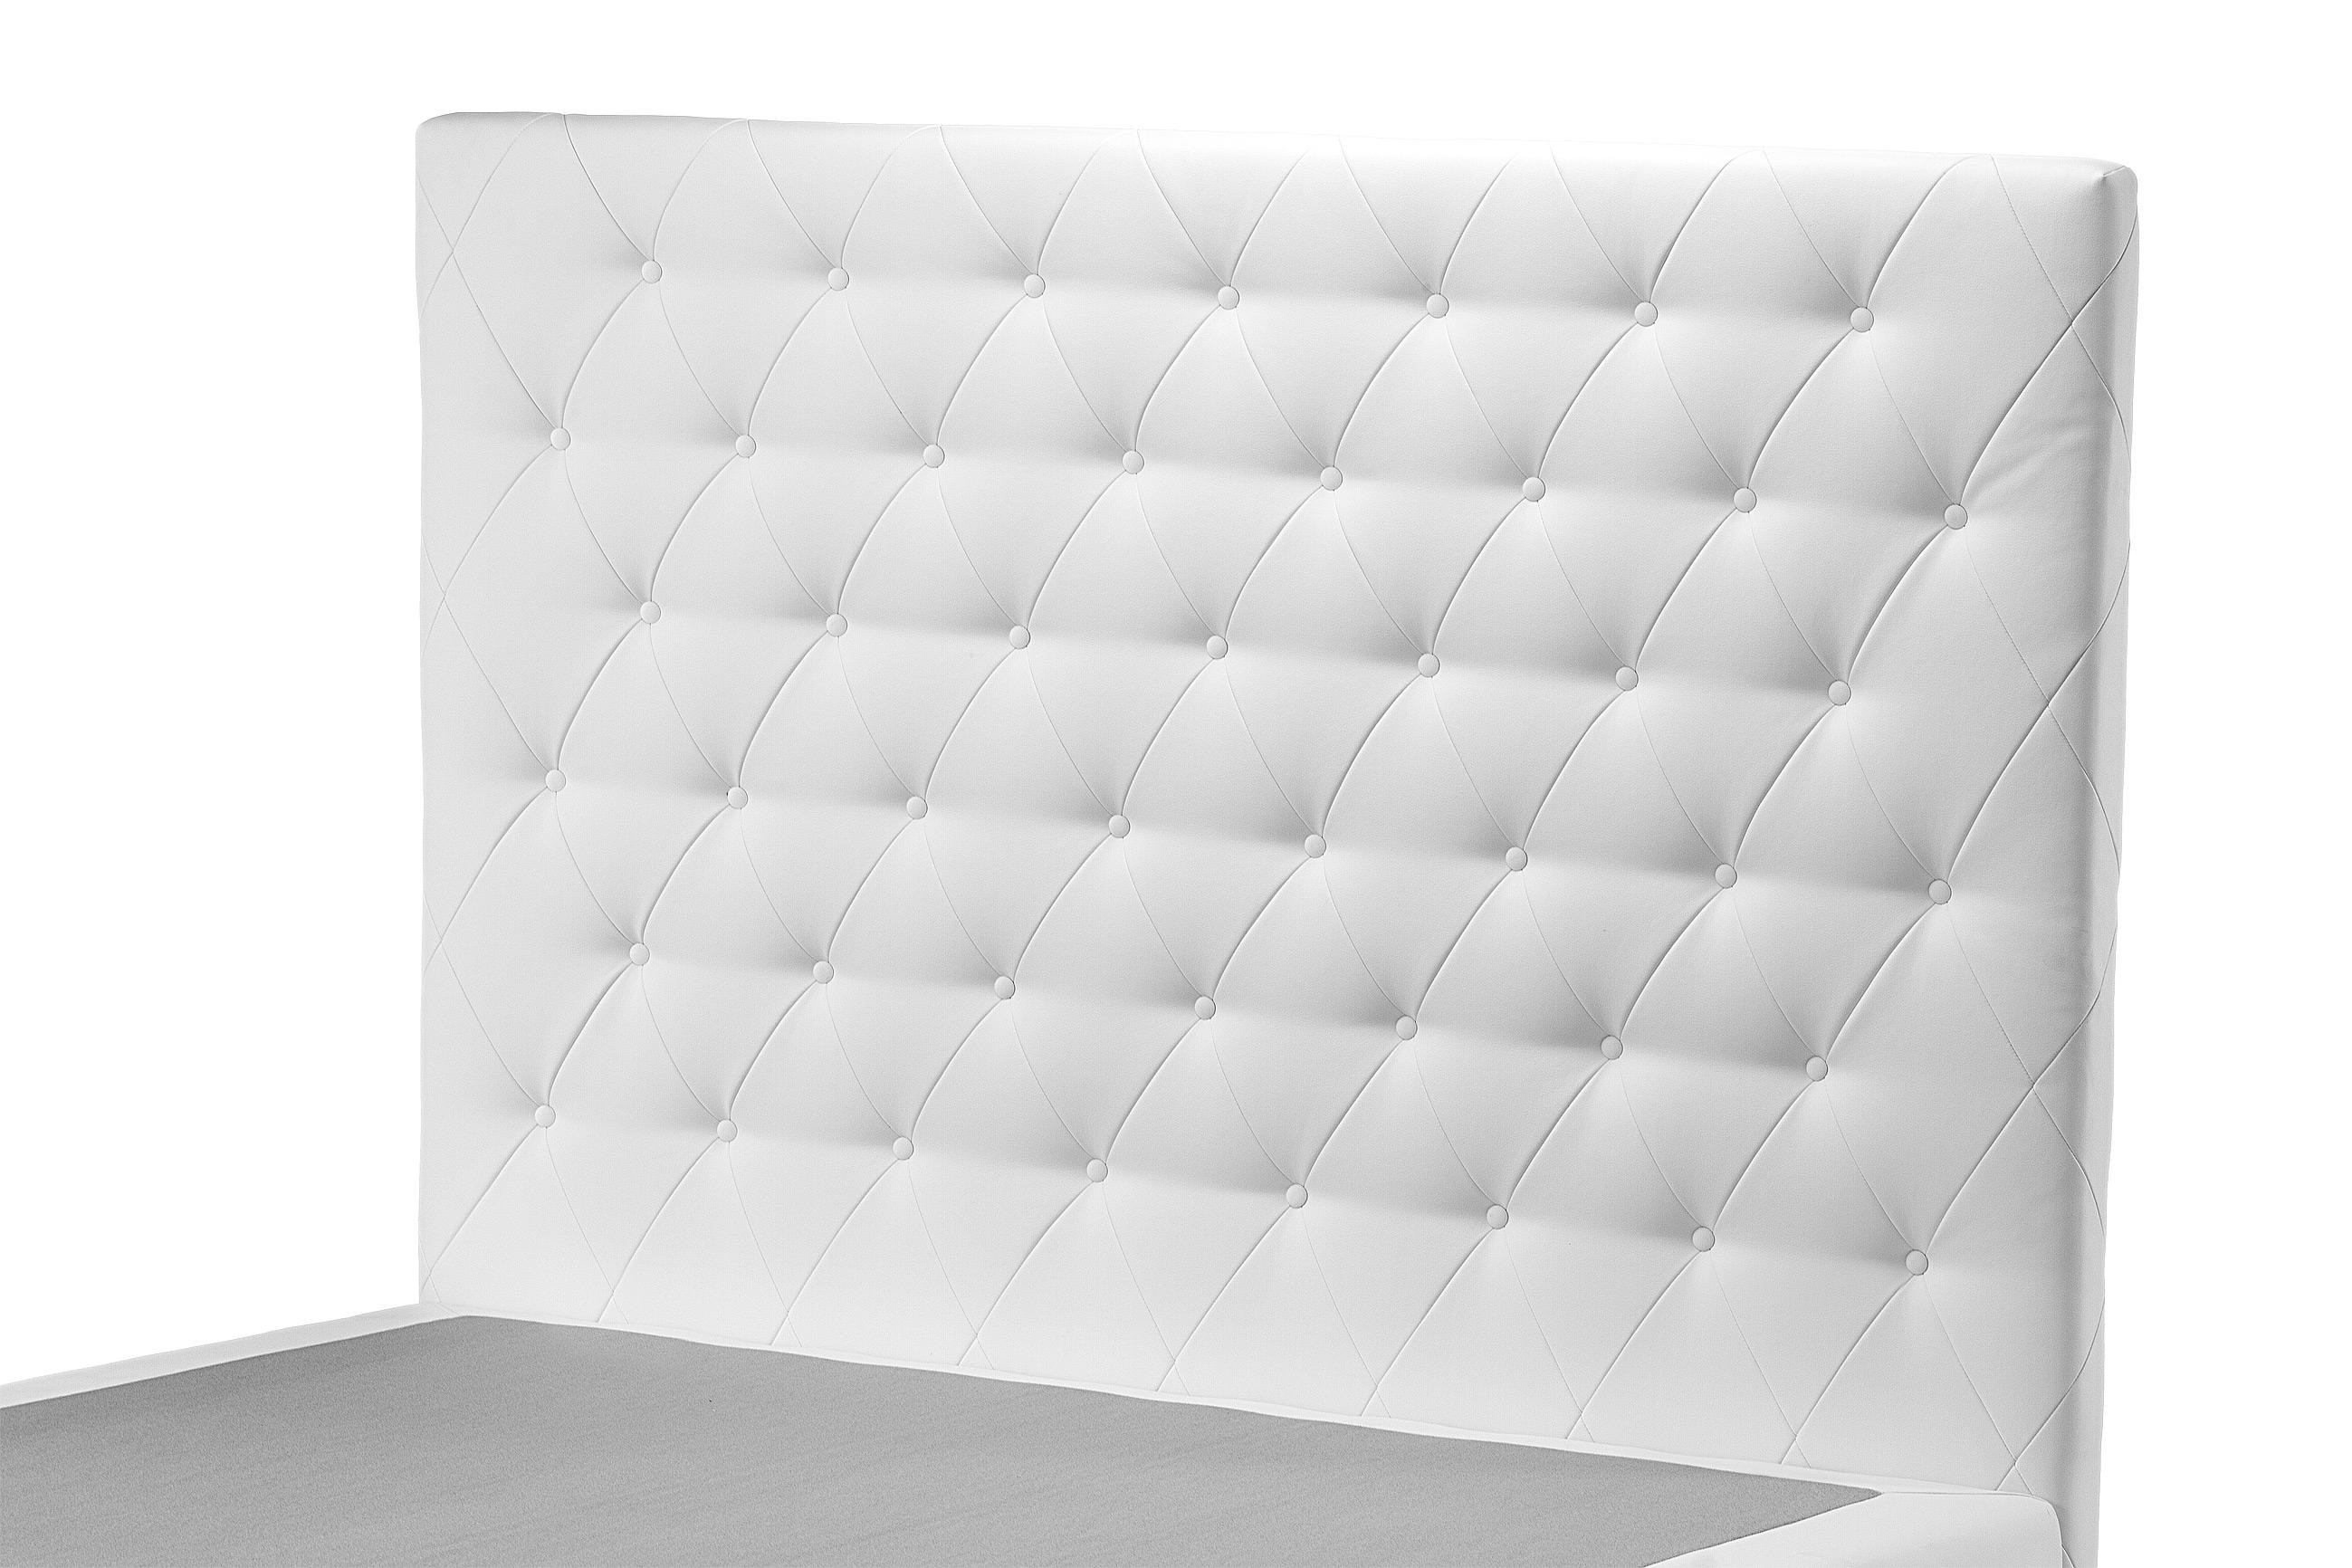 Testiera Per Letto Singolo : Testiera per letto singolo lusso raffaello h cm ecopelle